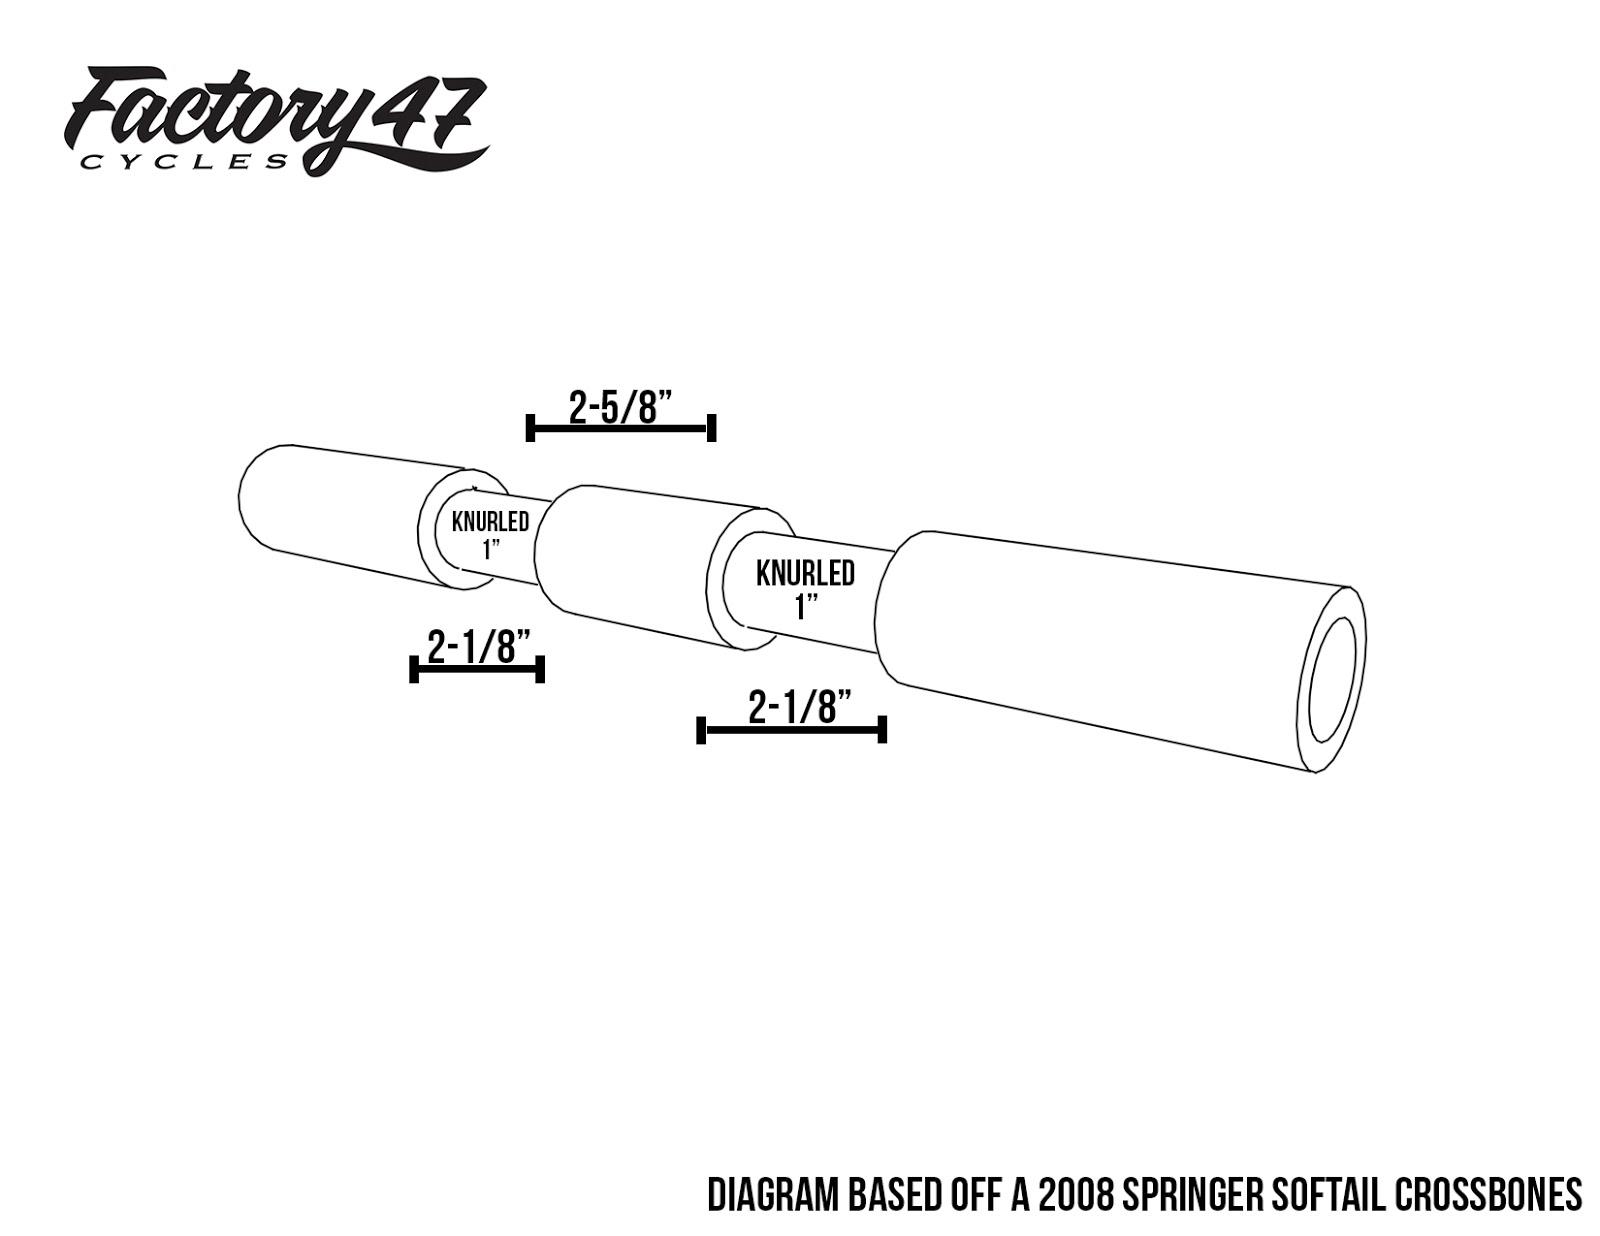 2012 harley street glide radio wiring diagram 2000 mazda protege problems 2003 mazda protege [ 1600 x 1236 Pixel ]